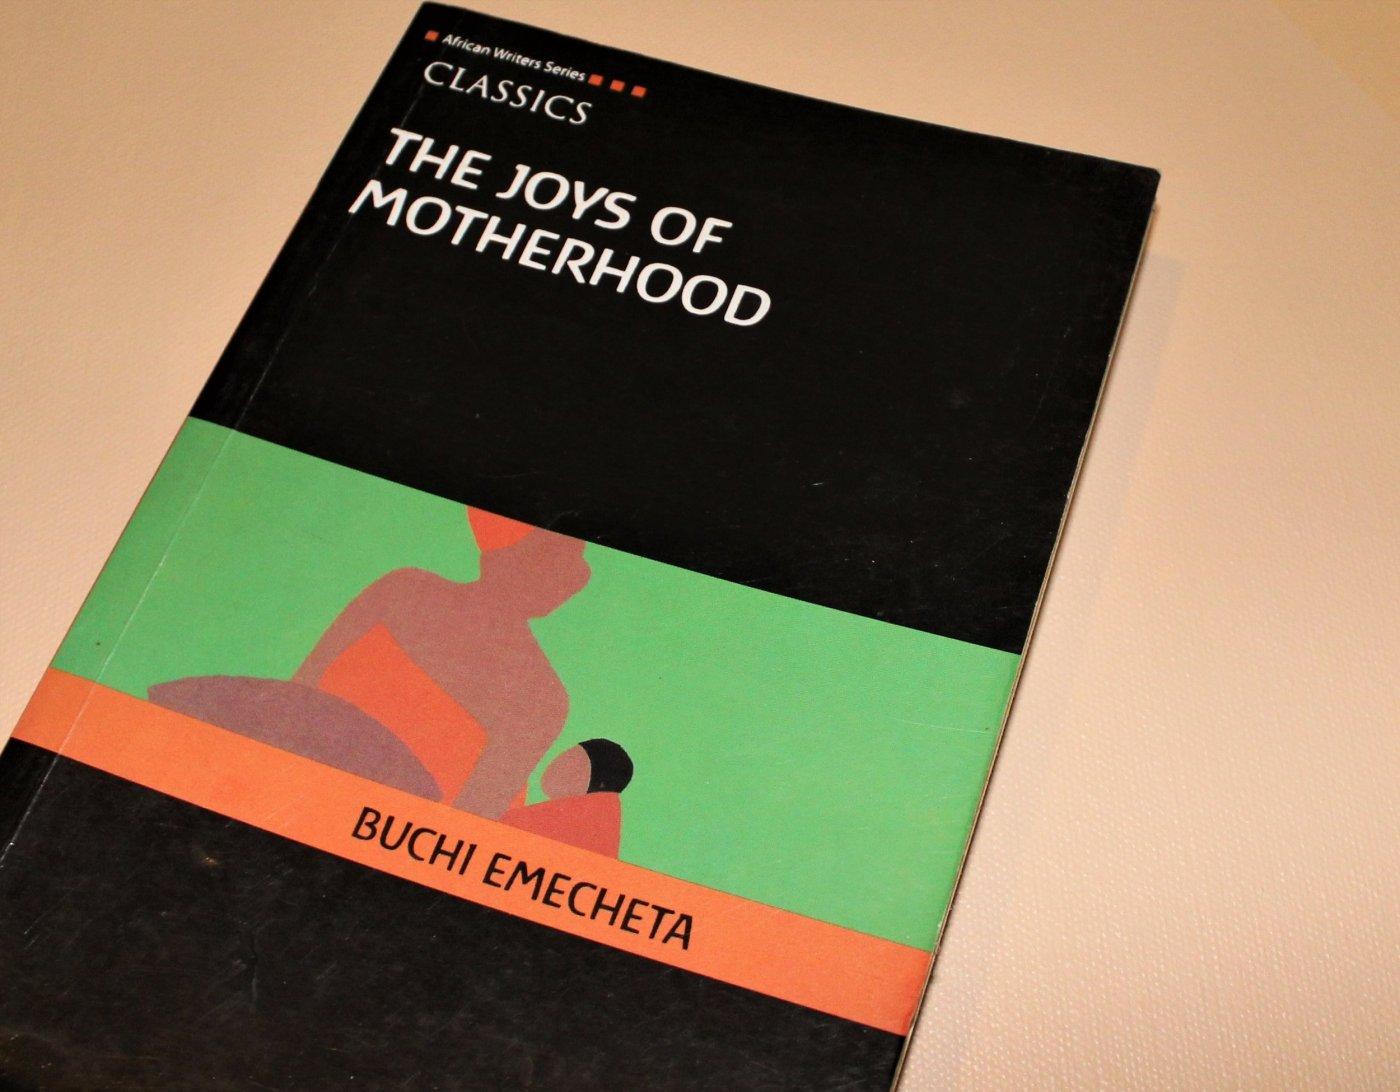 The Joys of Motherhood|Buchi Emecheta — Shayera Dark